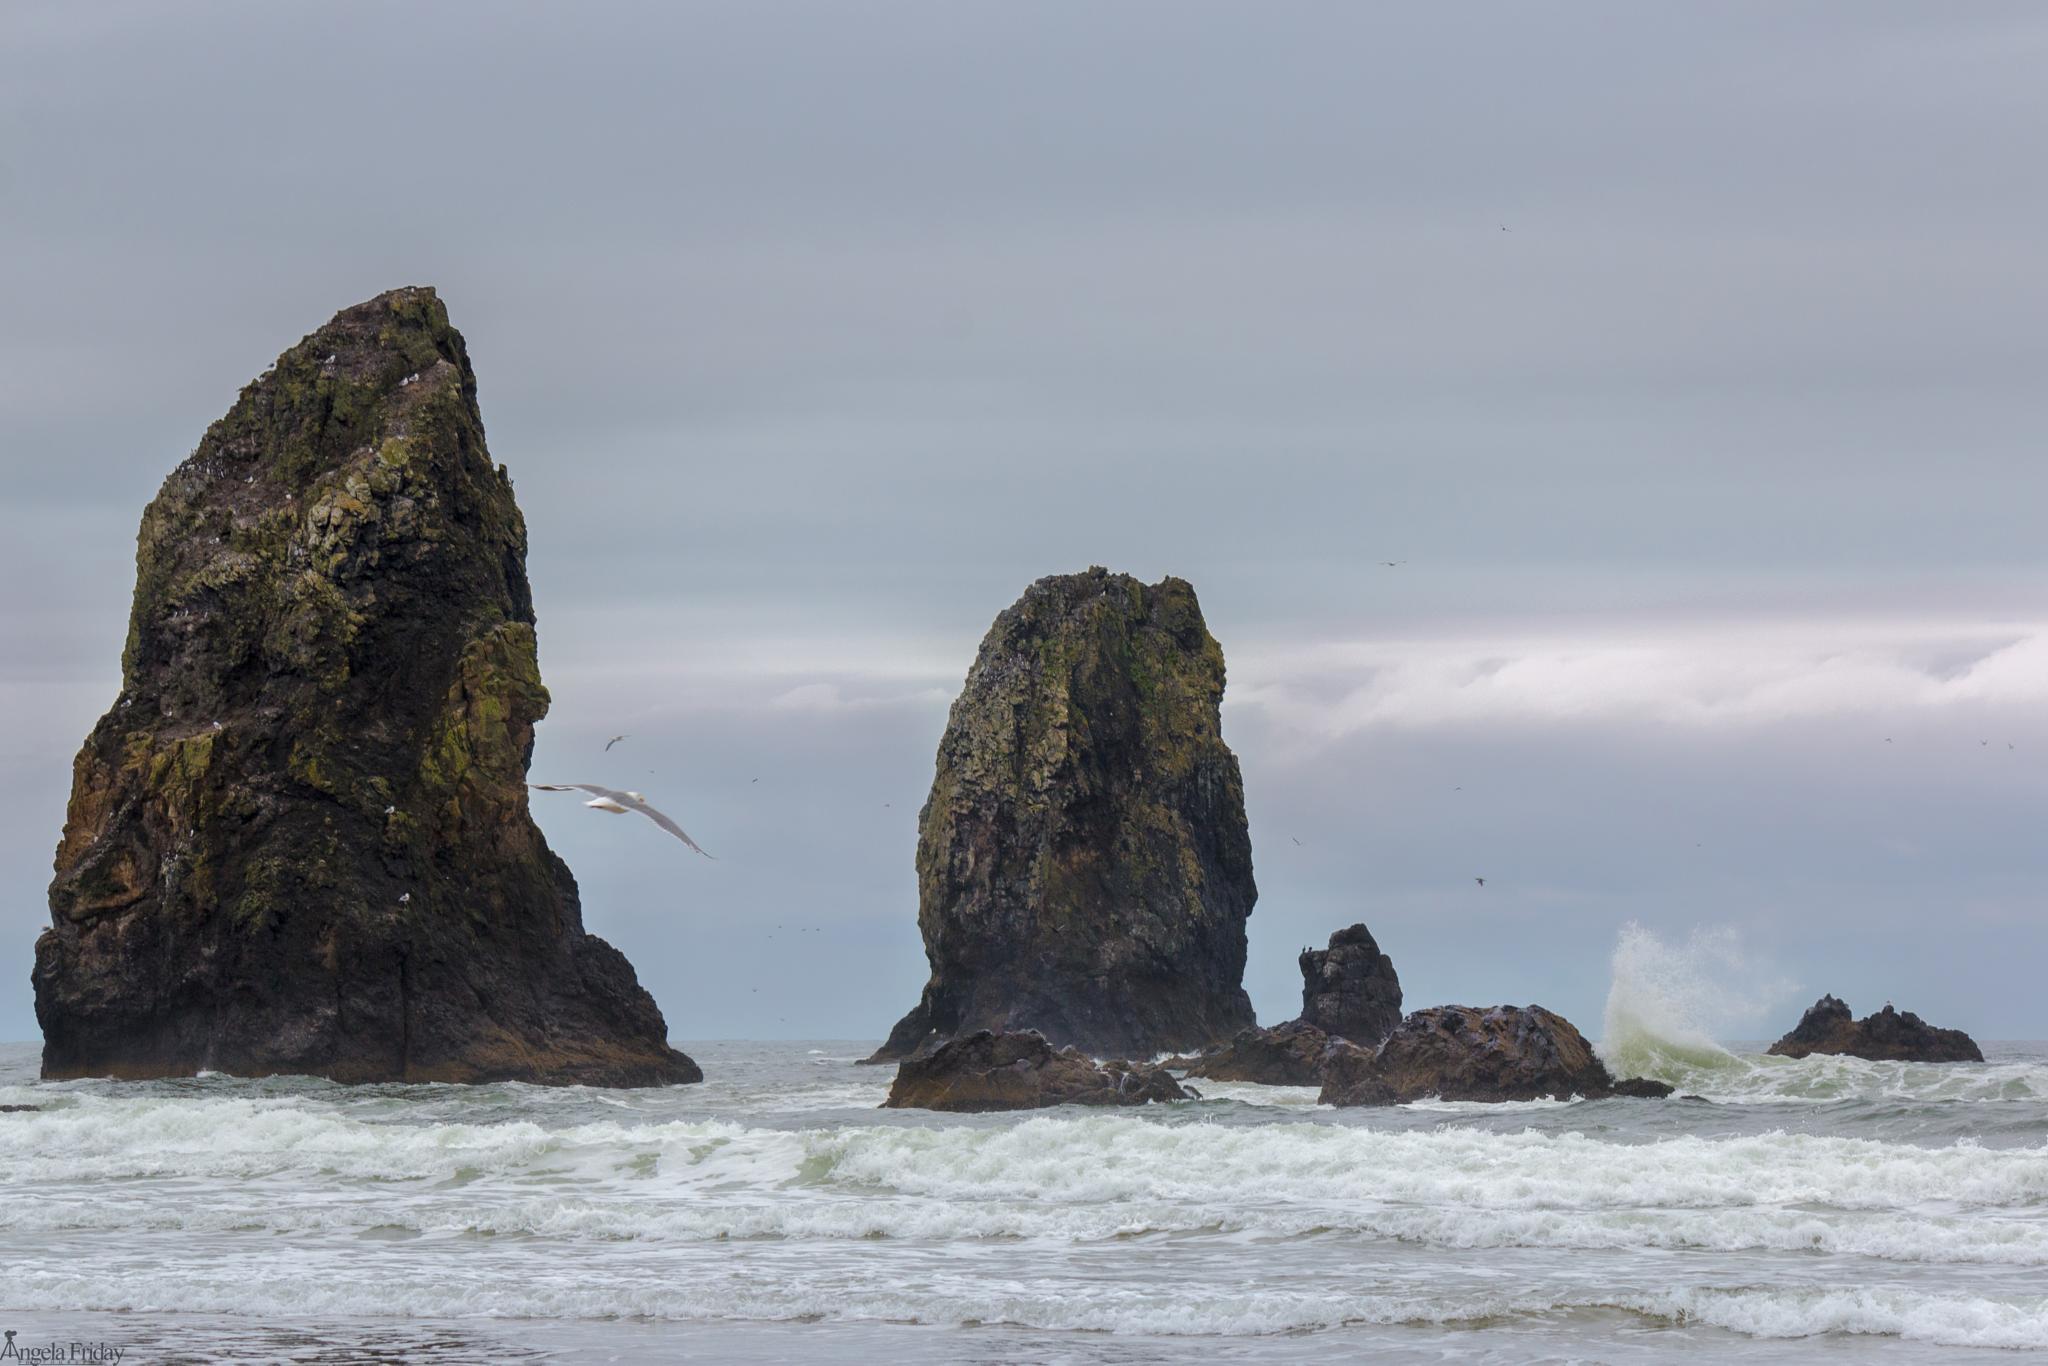 Oregon Beach by Angela Friday